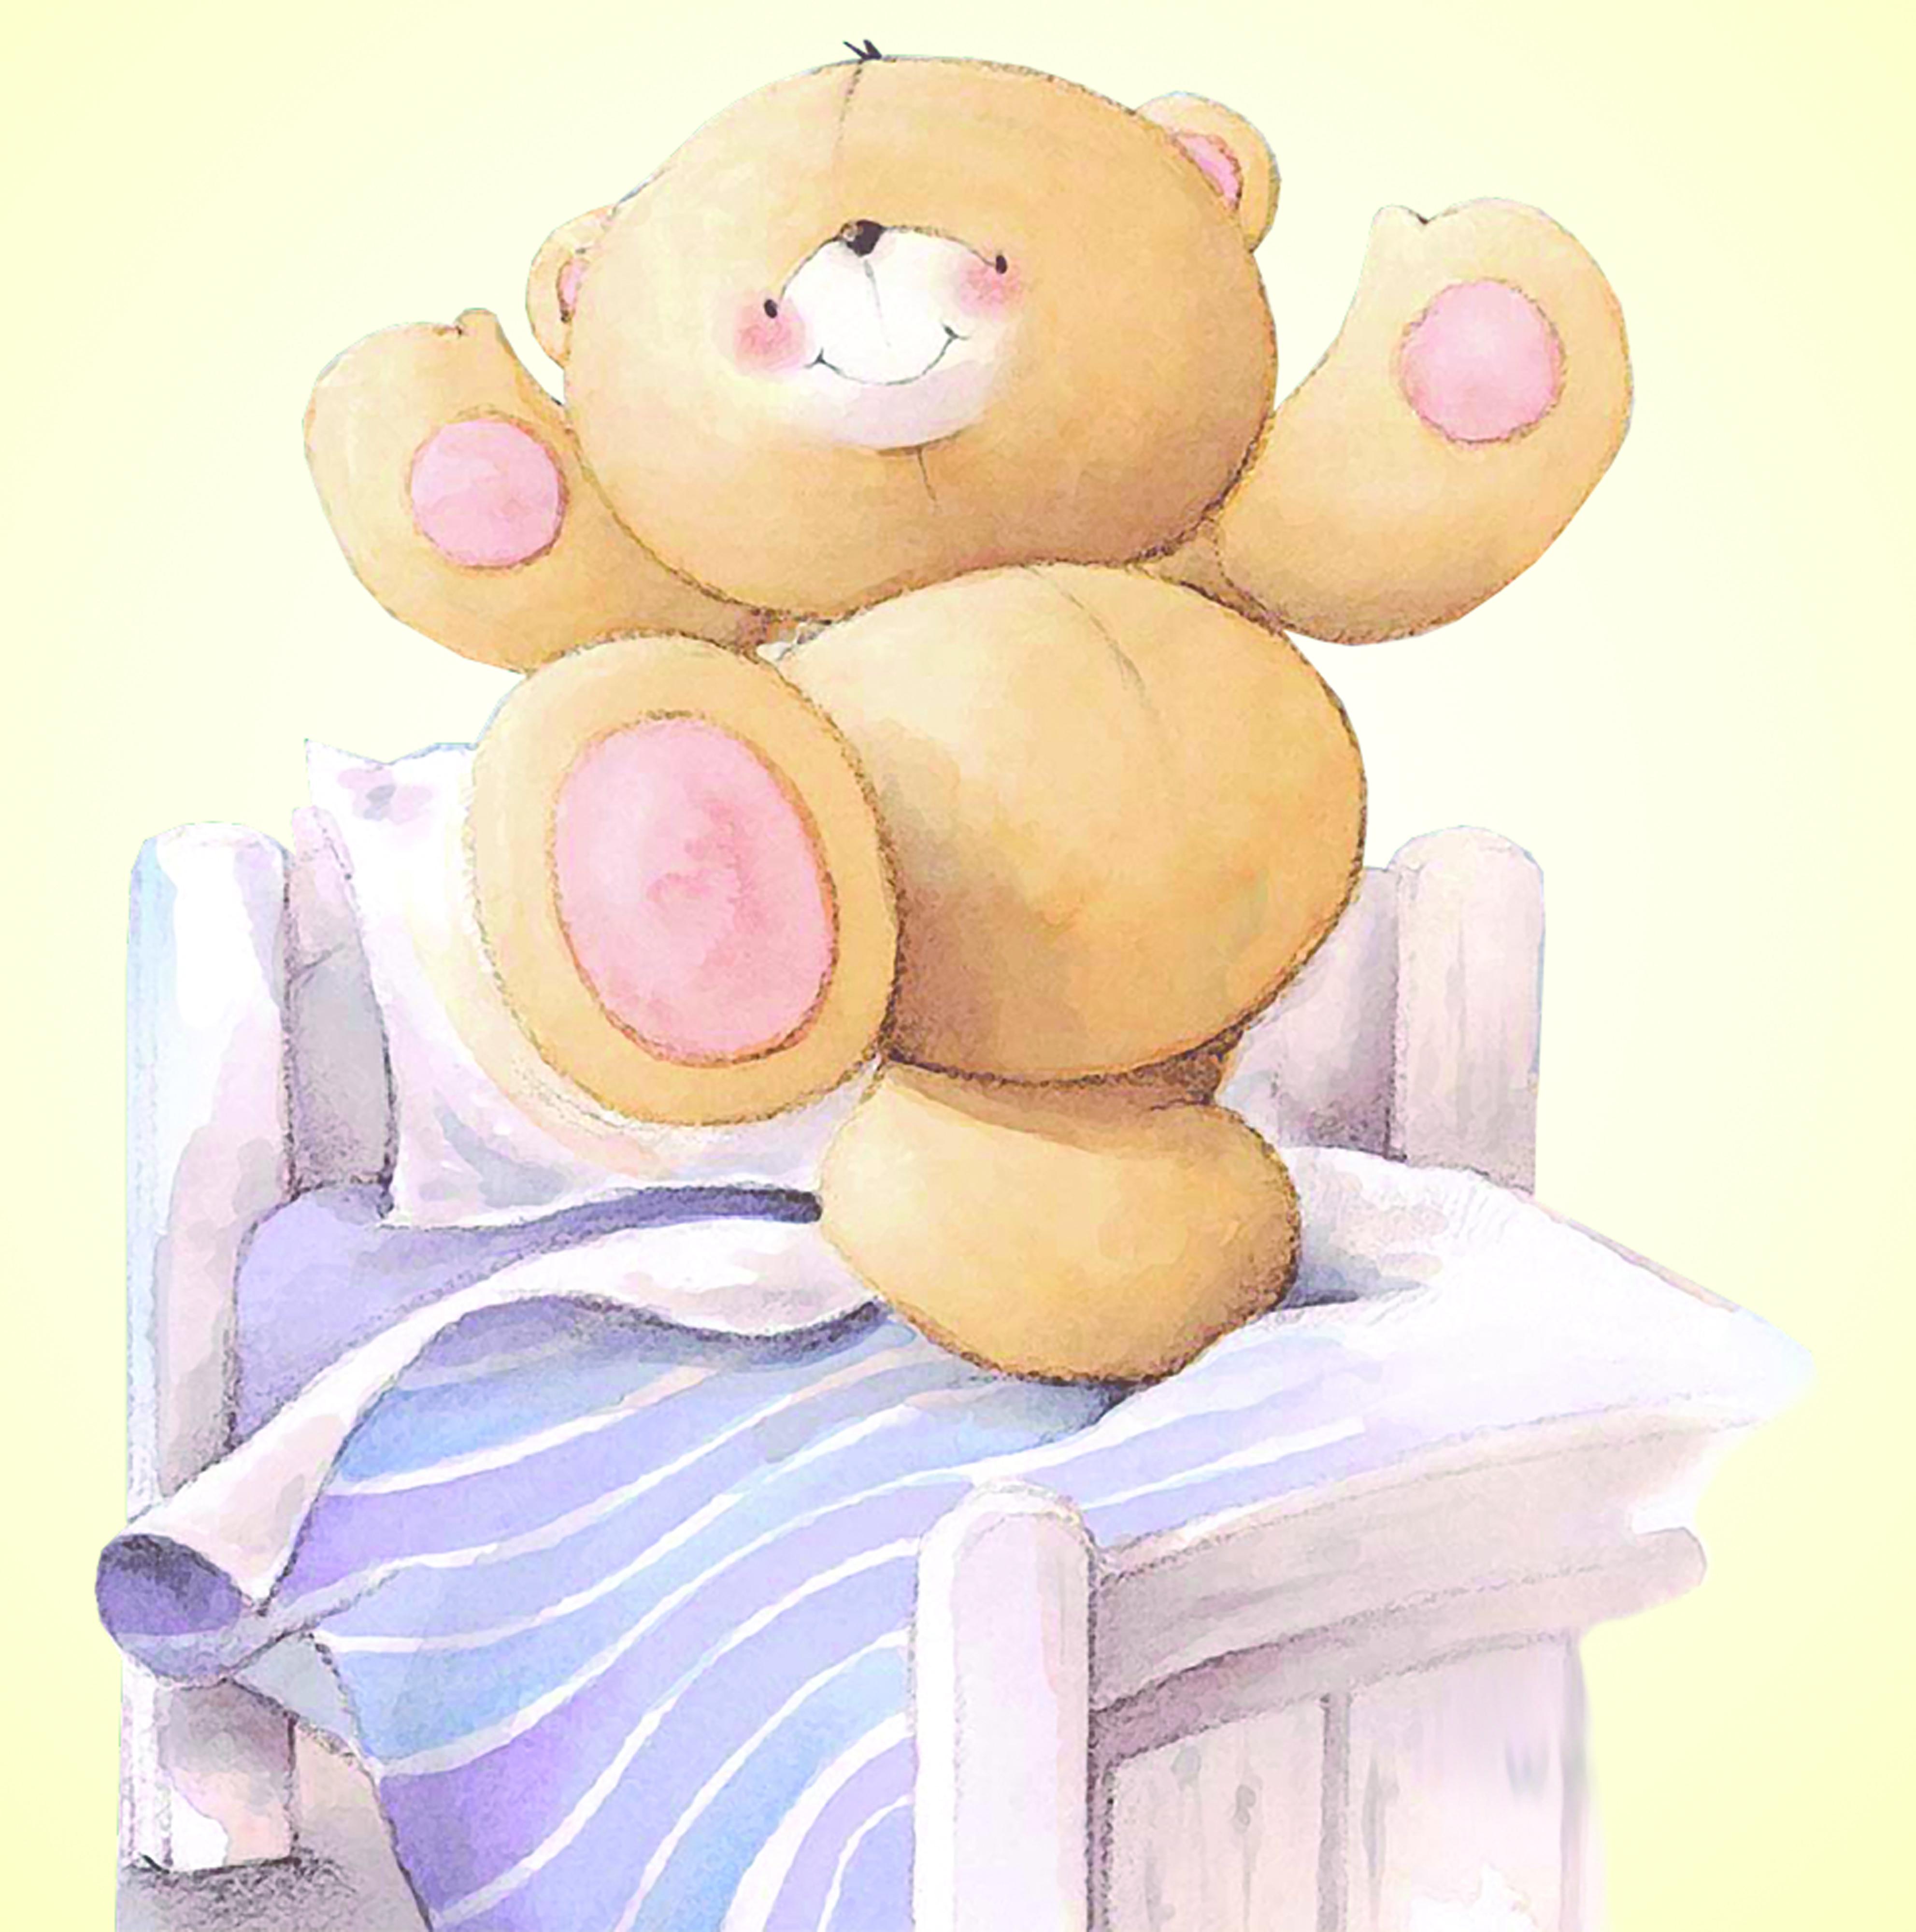 Доброго утра медвежонок - Доброе утро - Анимационные блестящие картинки GIF 79